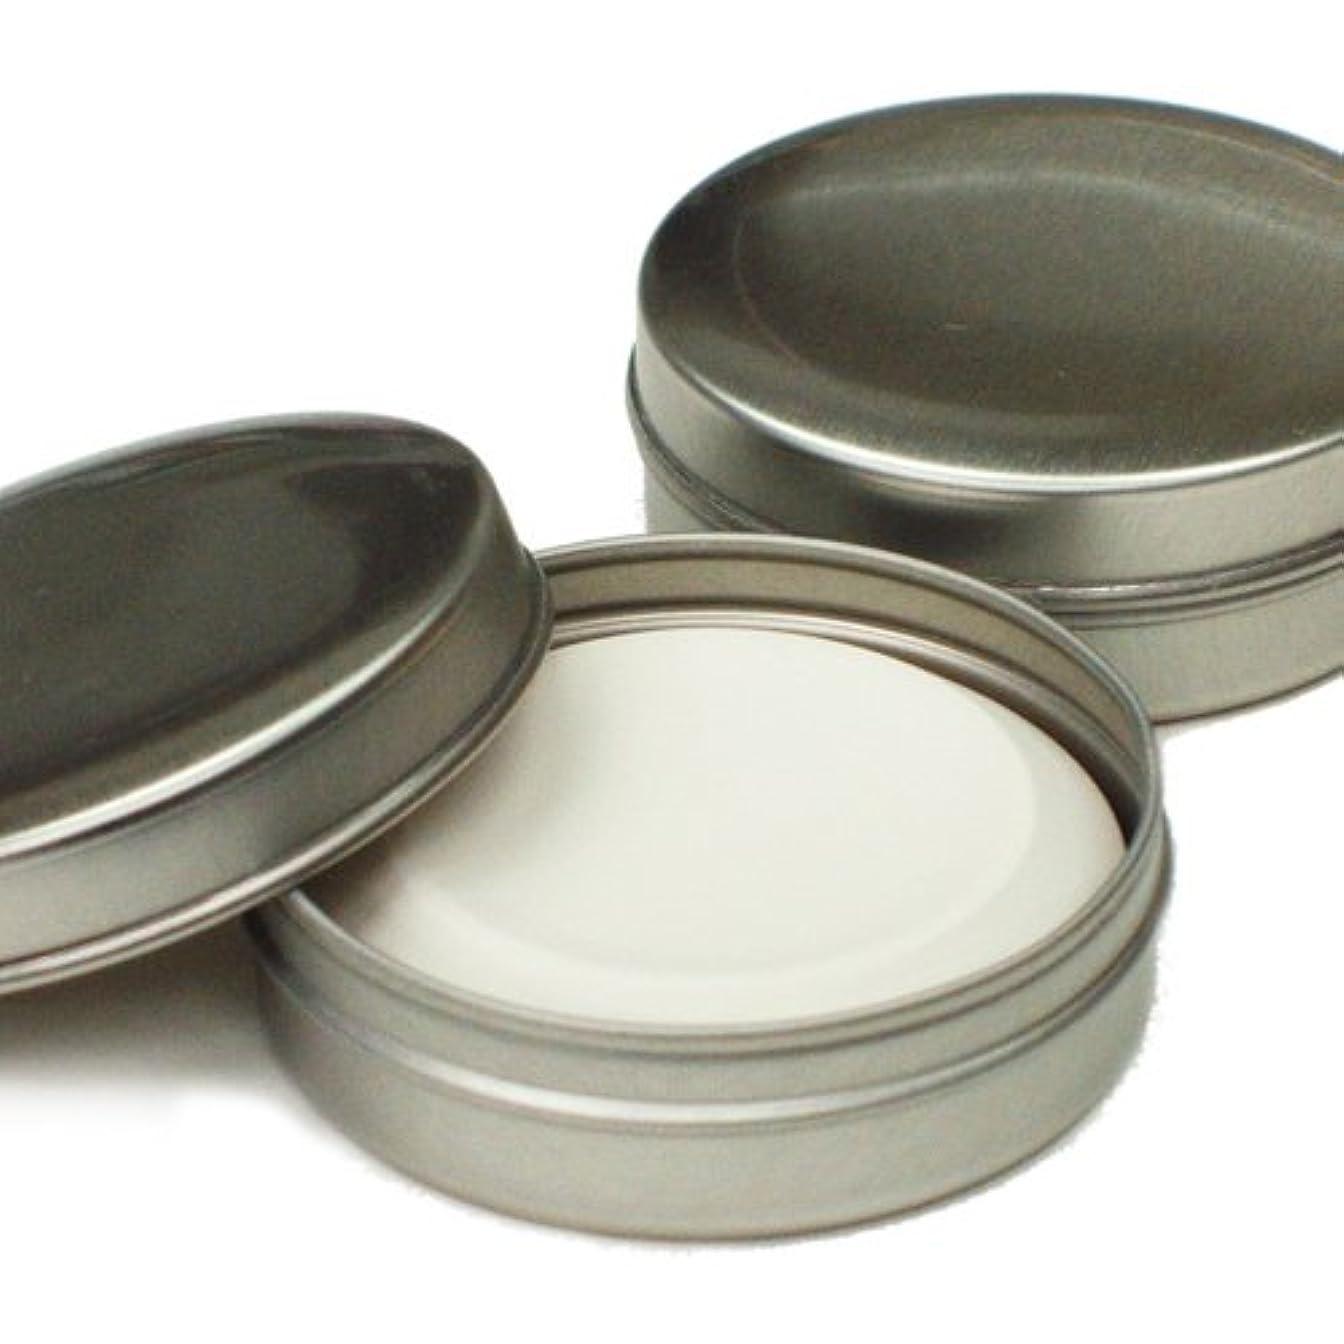 寛大な壮大なスチュワーデスアロマストーン アロマプレート アルミ缶入 2個セット 日本製 素焼き 陶器 アロマディフューザー